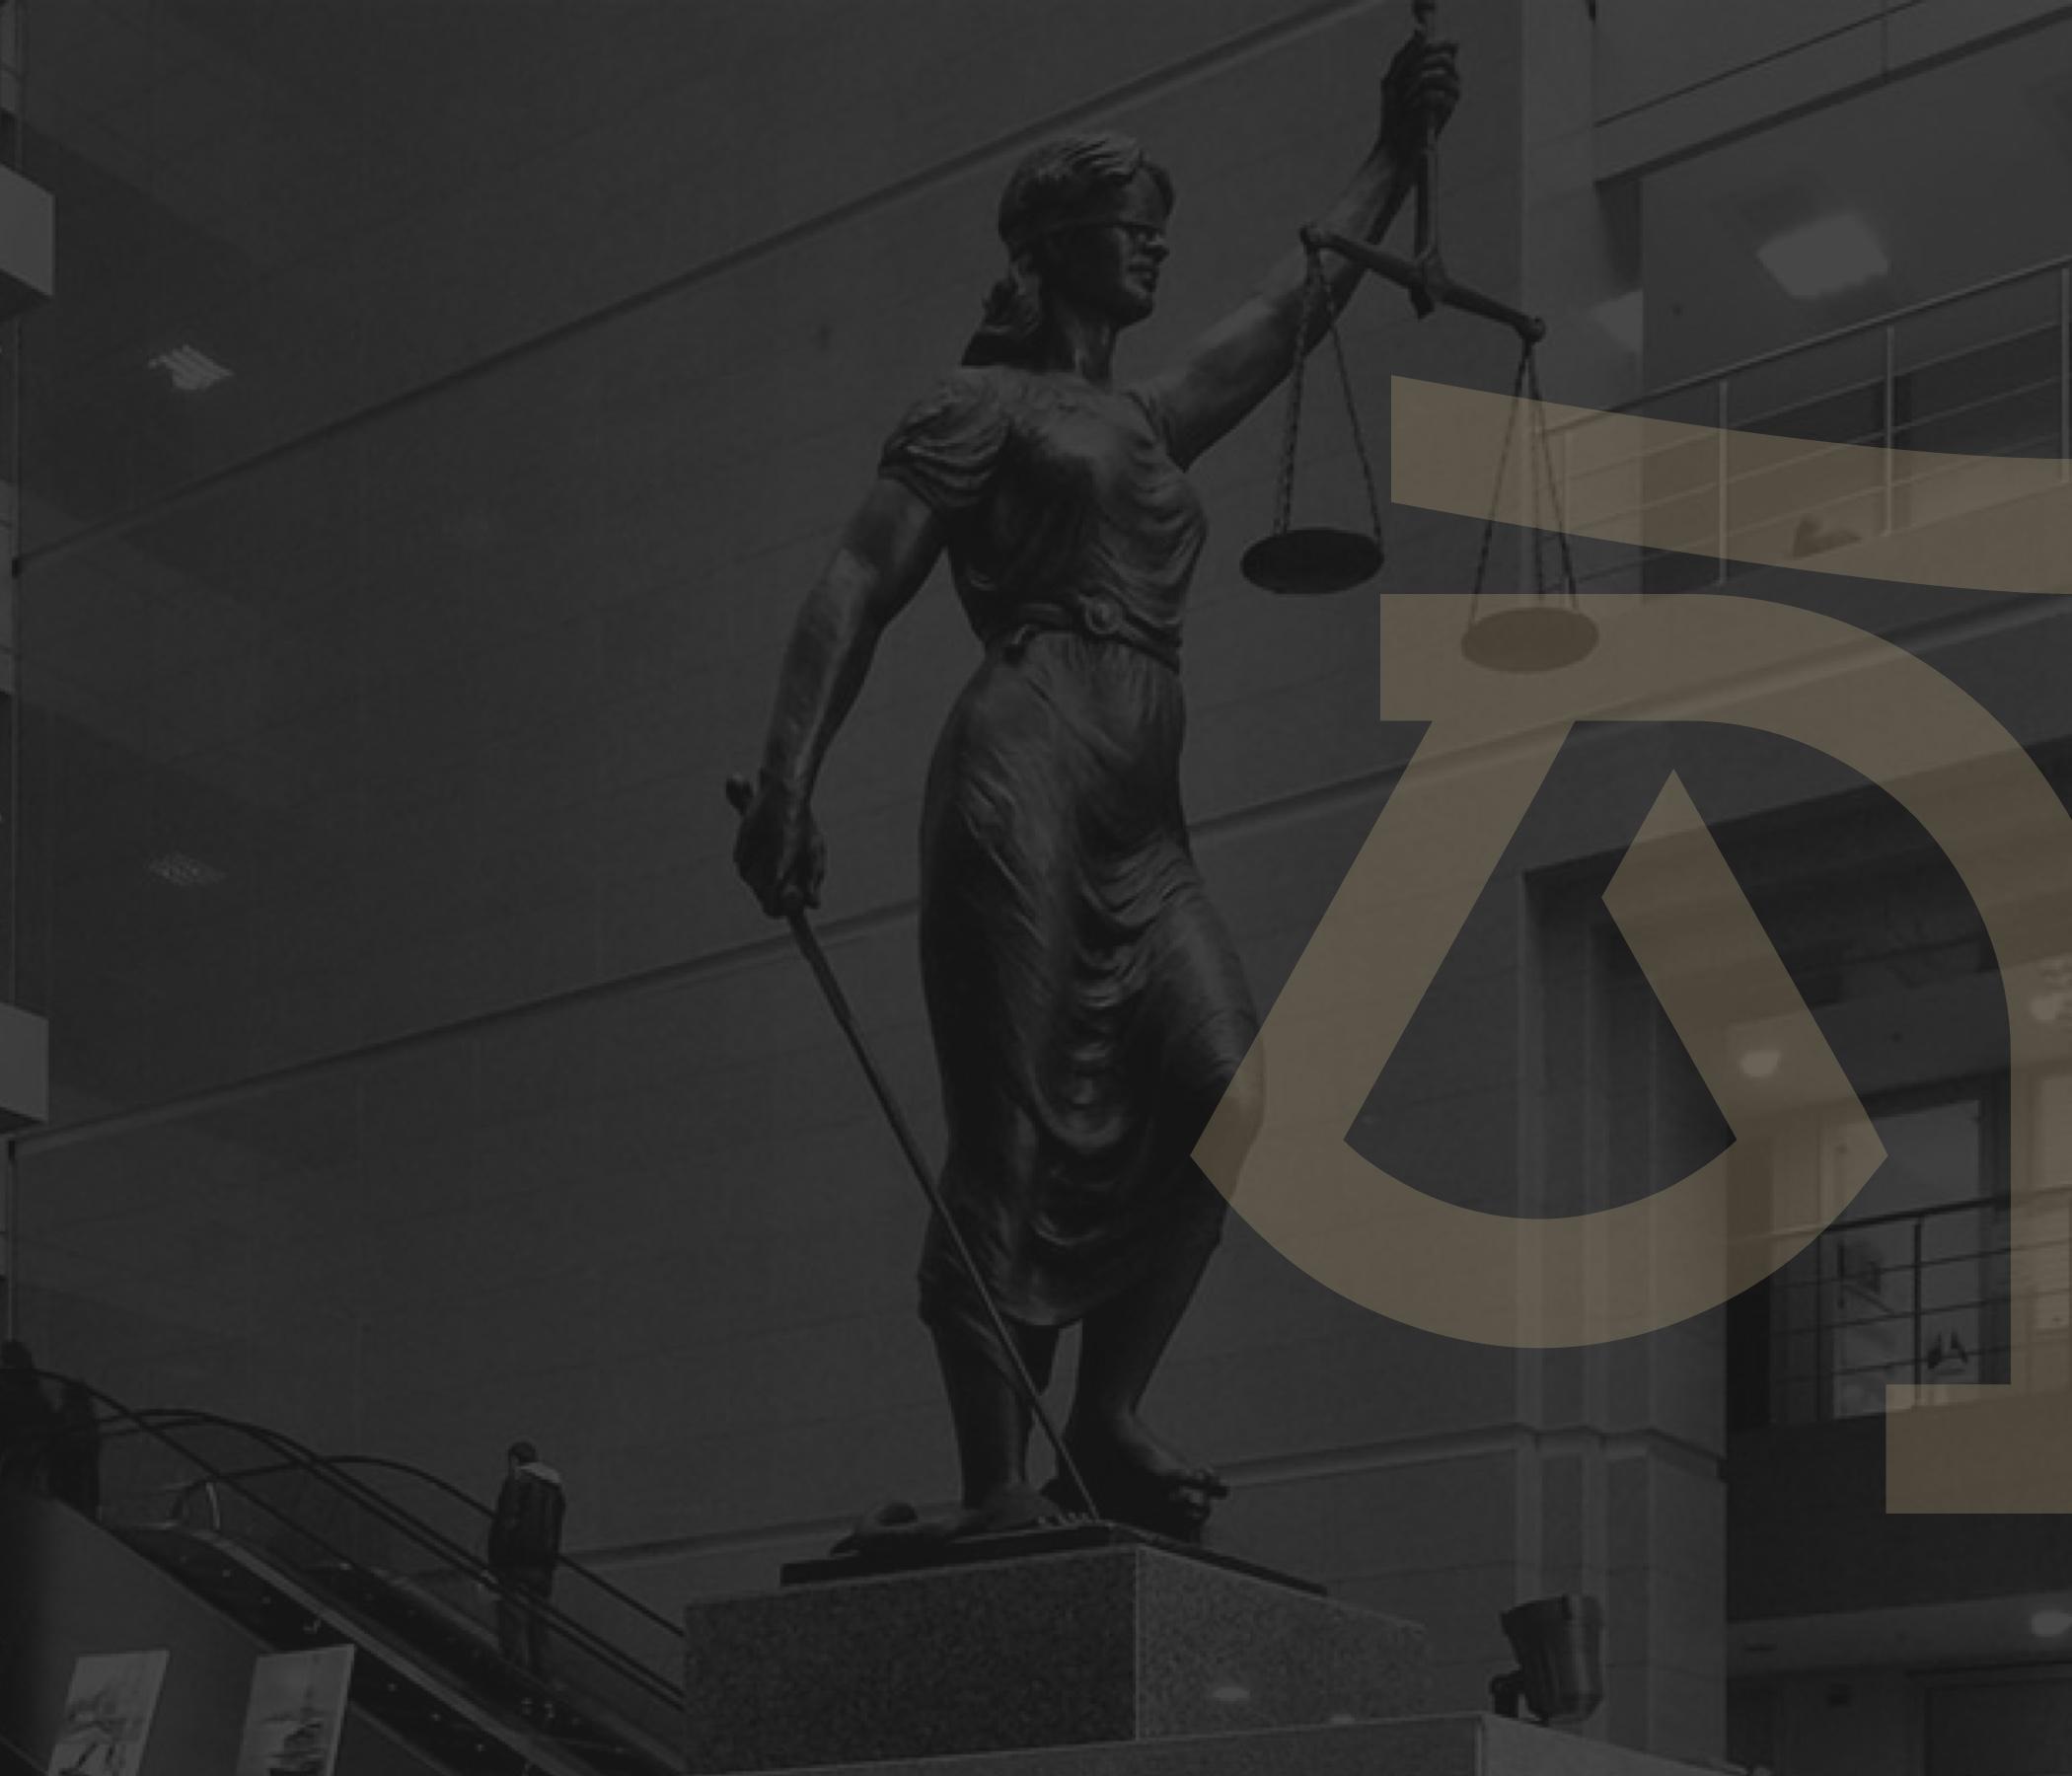 Büromuz avukatları Türkçe'nin yanında İngilizce ve Fransızca dillerinde de etkin şekilde hizmet vermektedir.